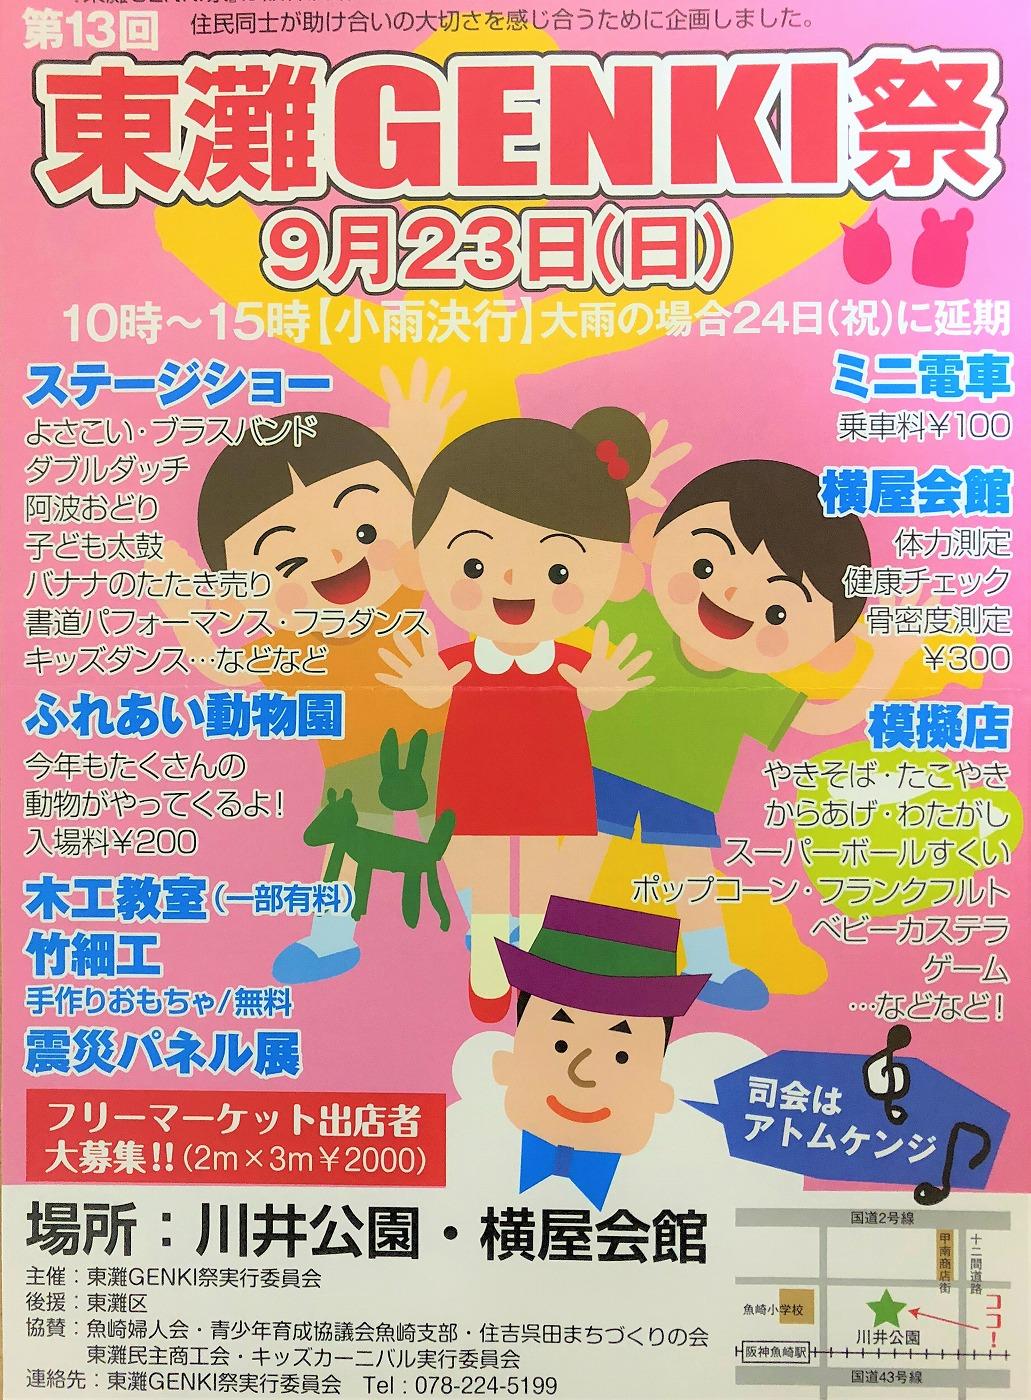 「第13回東灘GENKI祭」が9月23日(日)に魚崎・川井公園で開催されるよ! #東灘GENKI祭 #東灘区 #イベント #魚崎 #ふれあい動物園 #ミニ電車 #アトムケンジ